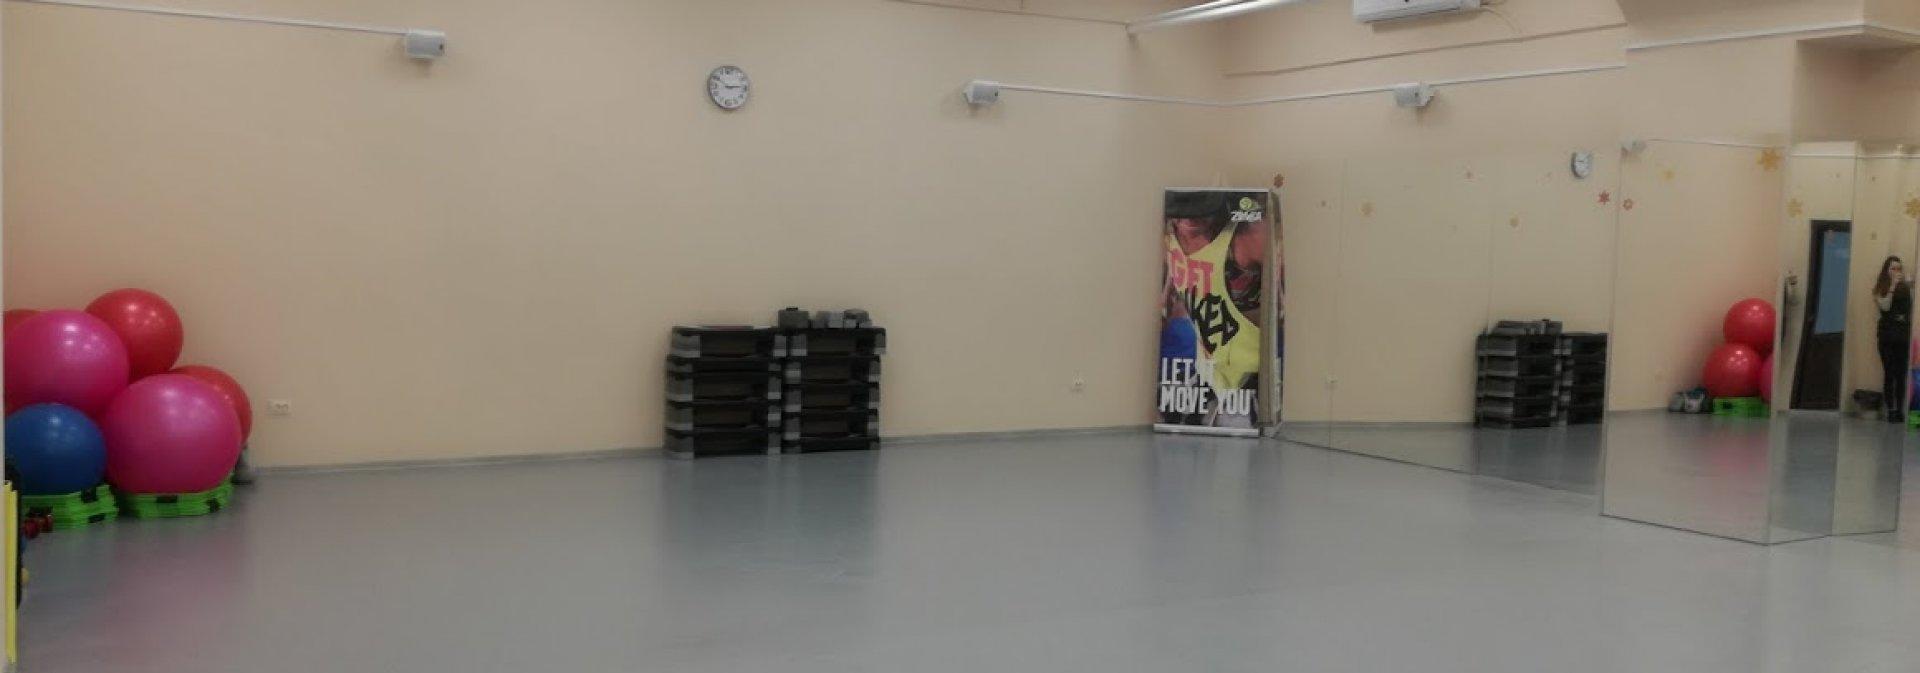 Școala de dans Bel ART, Iași